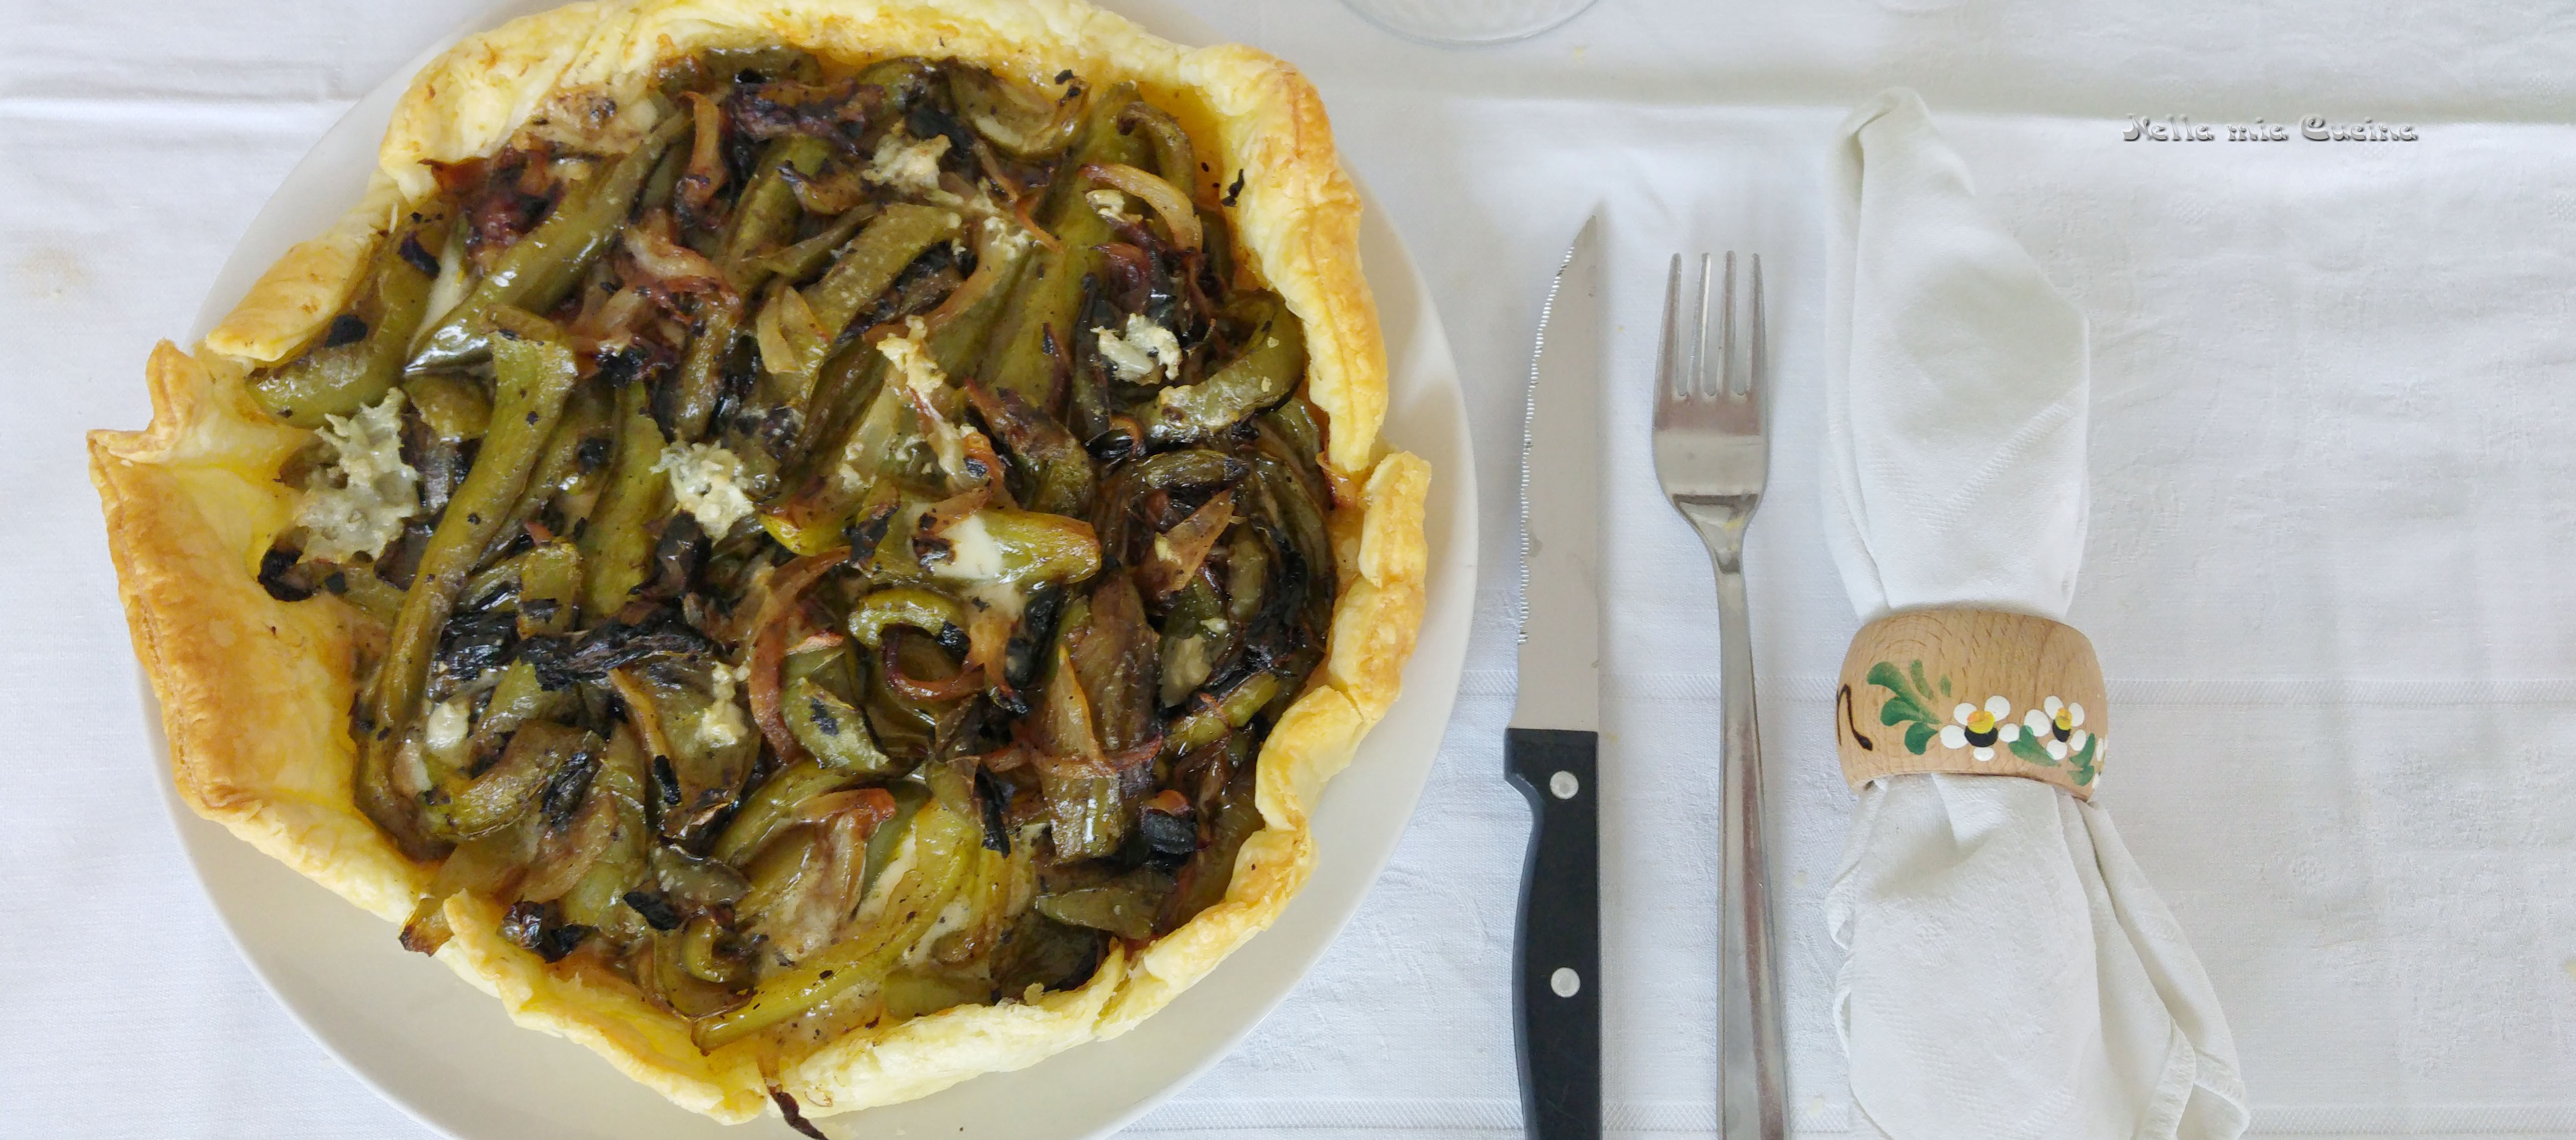 Torta salata con doppio strato di gorgonzola e peperoni